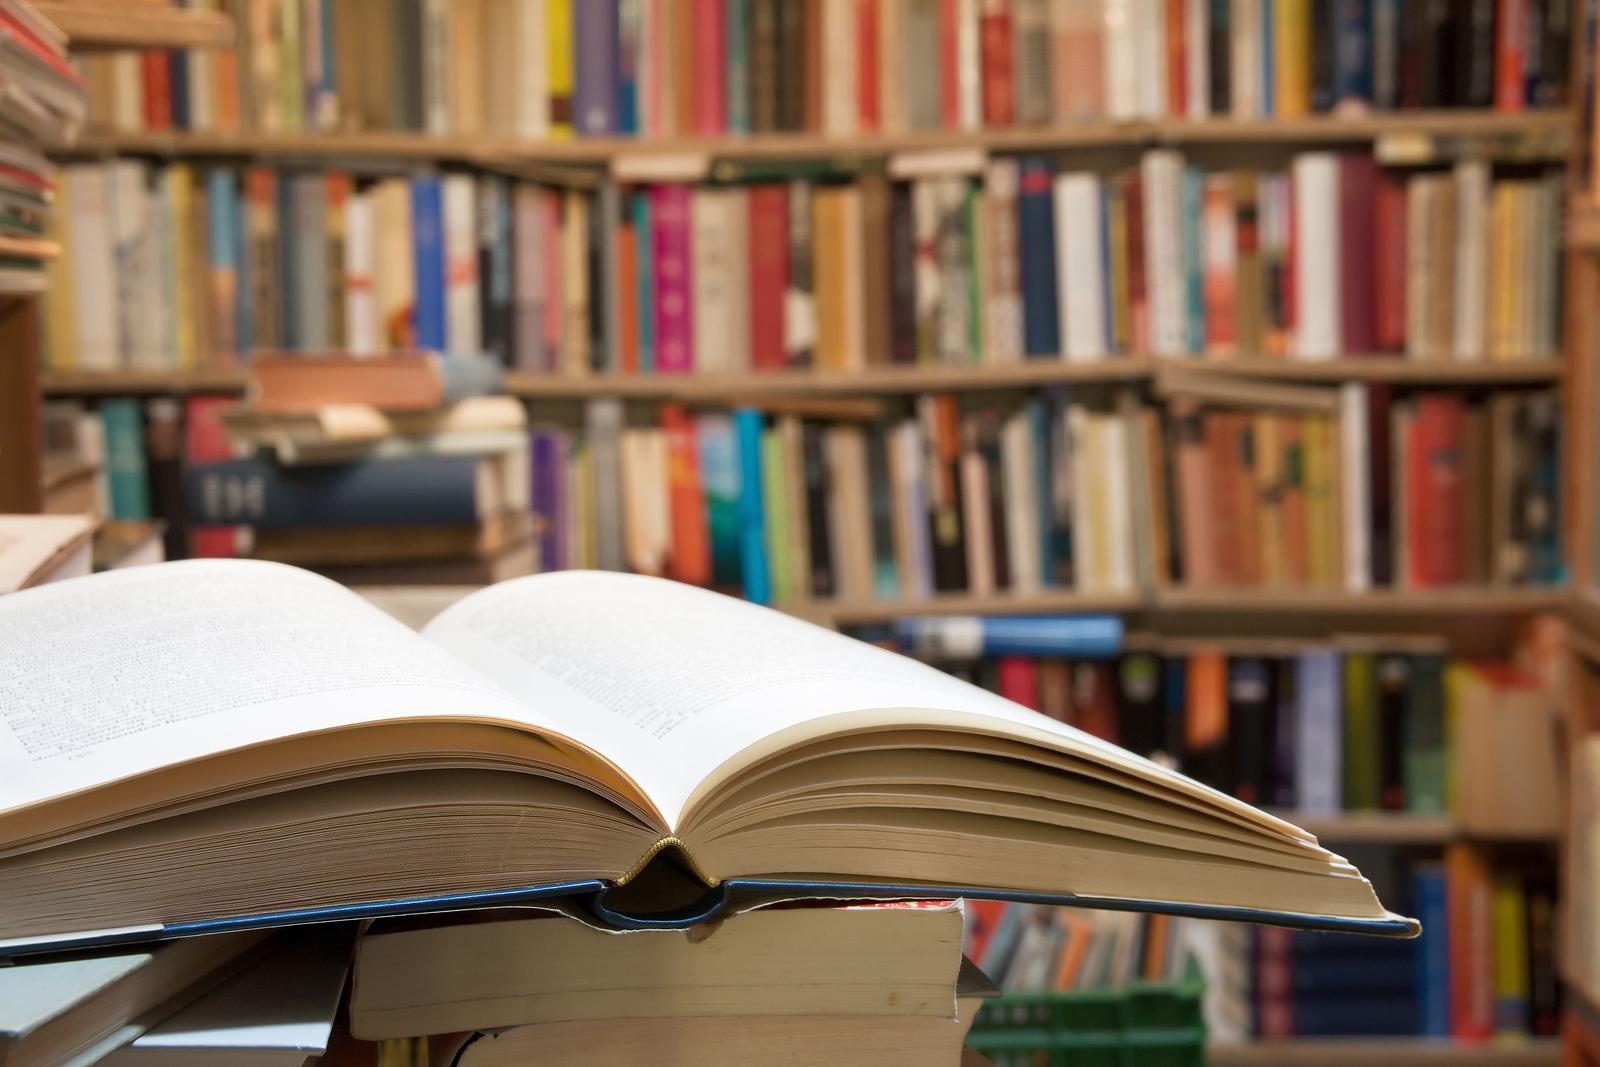 bigstock-open-book-83012912.jpg